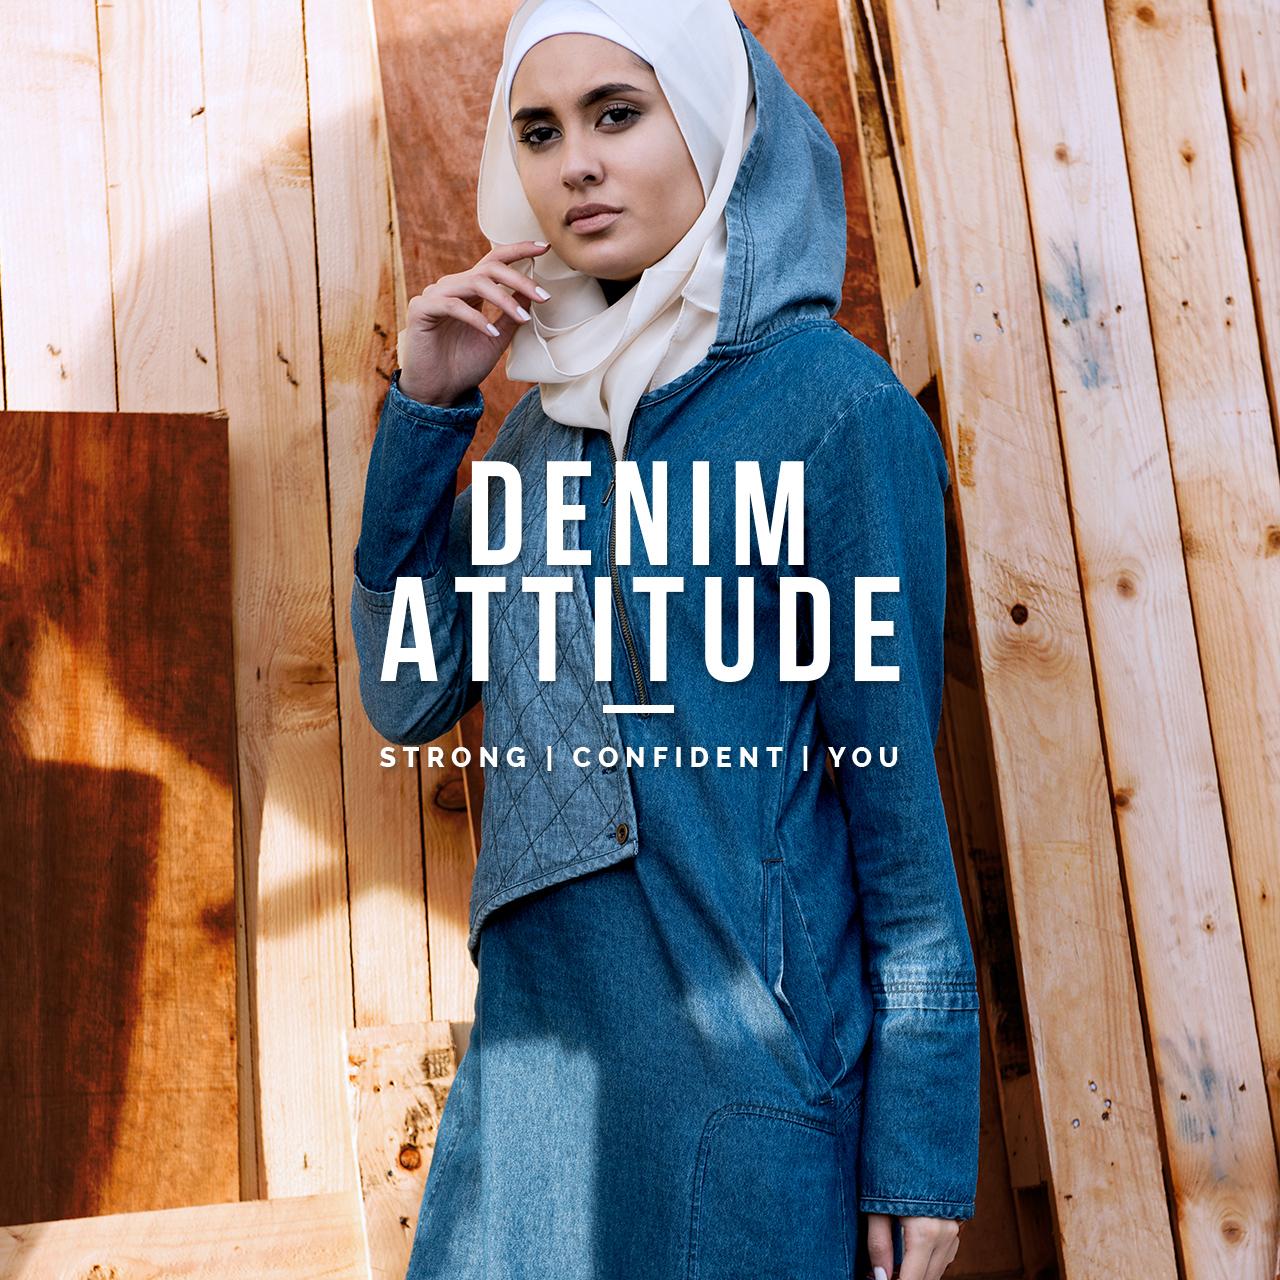 Denim Attitude